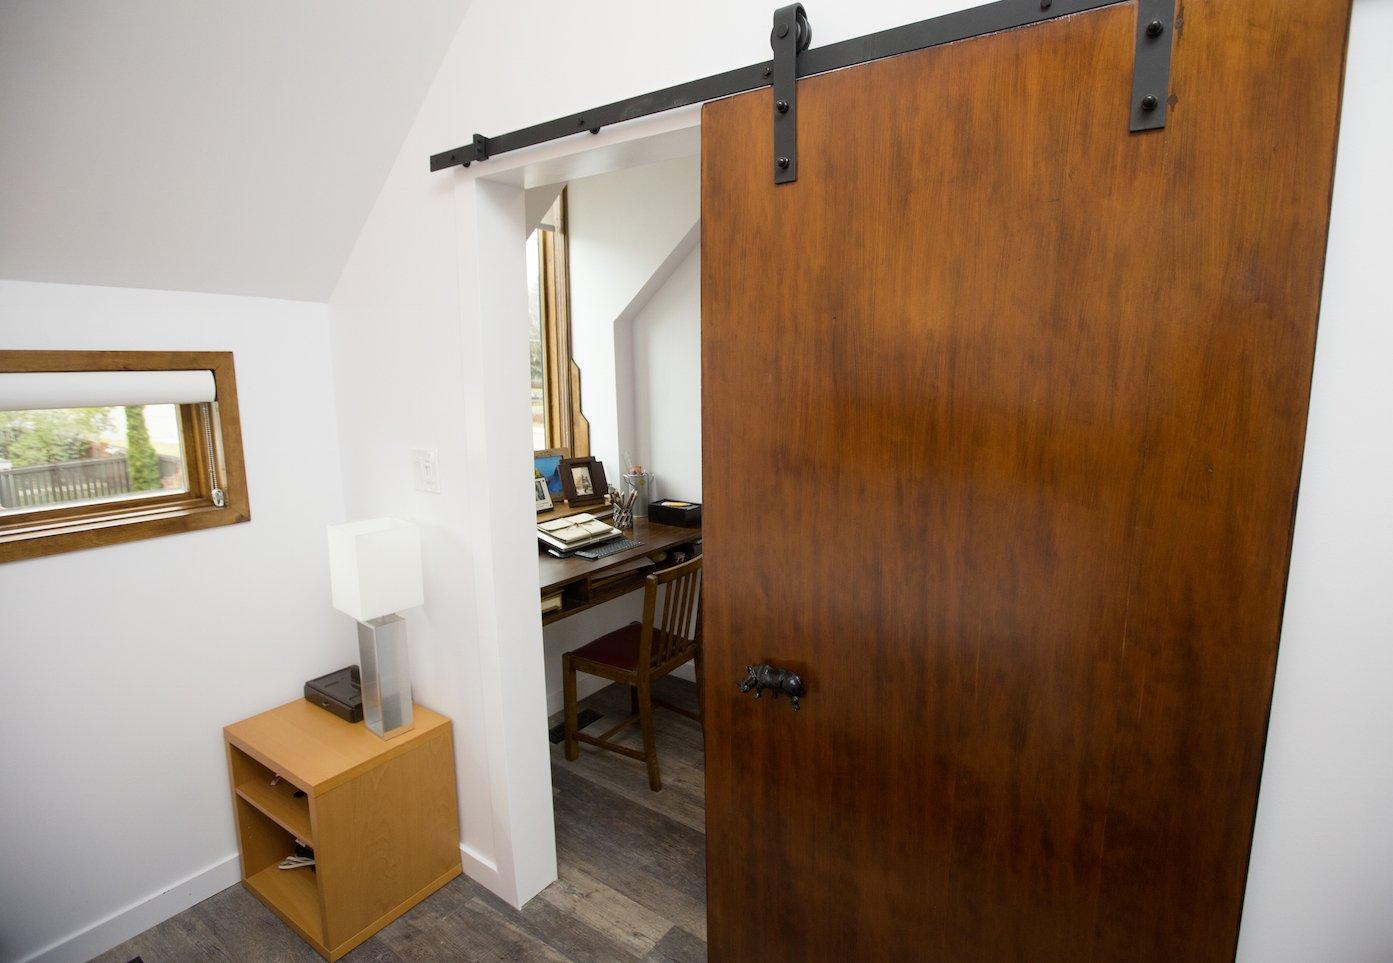 Bedroom and Vinyl Floor Calder - Interior 2 - Recycled Barn Door  Calder Laneway House - Edmonton